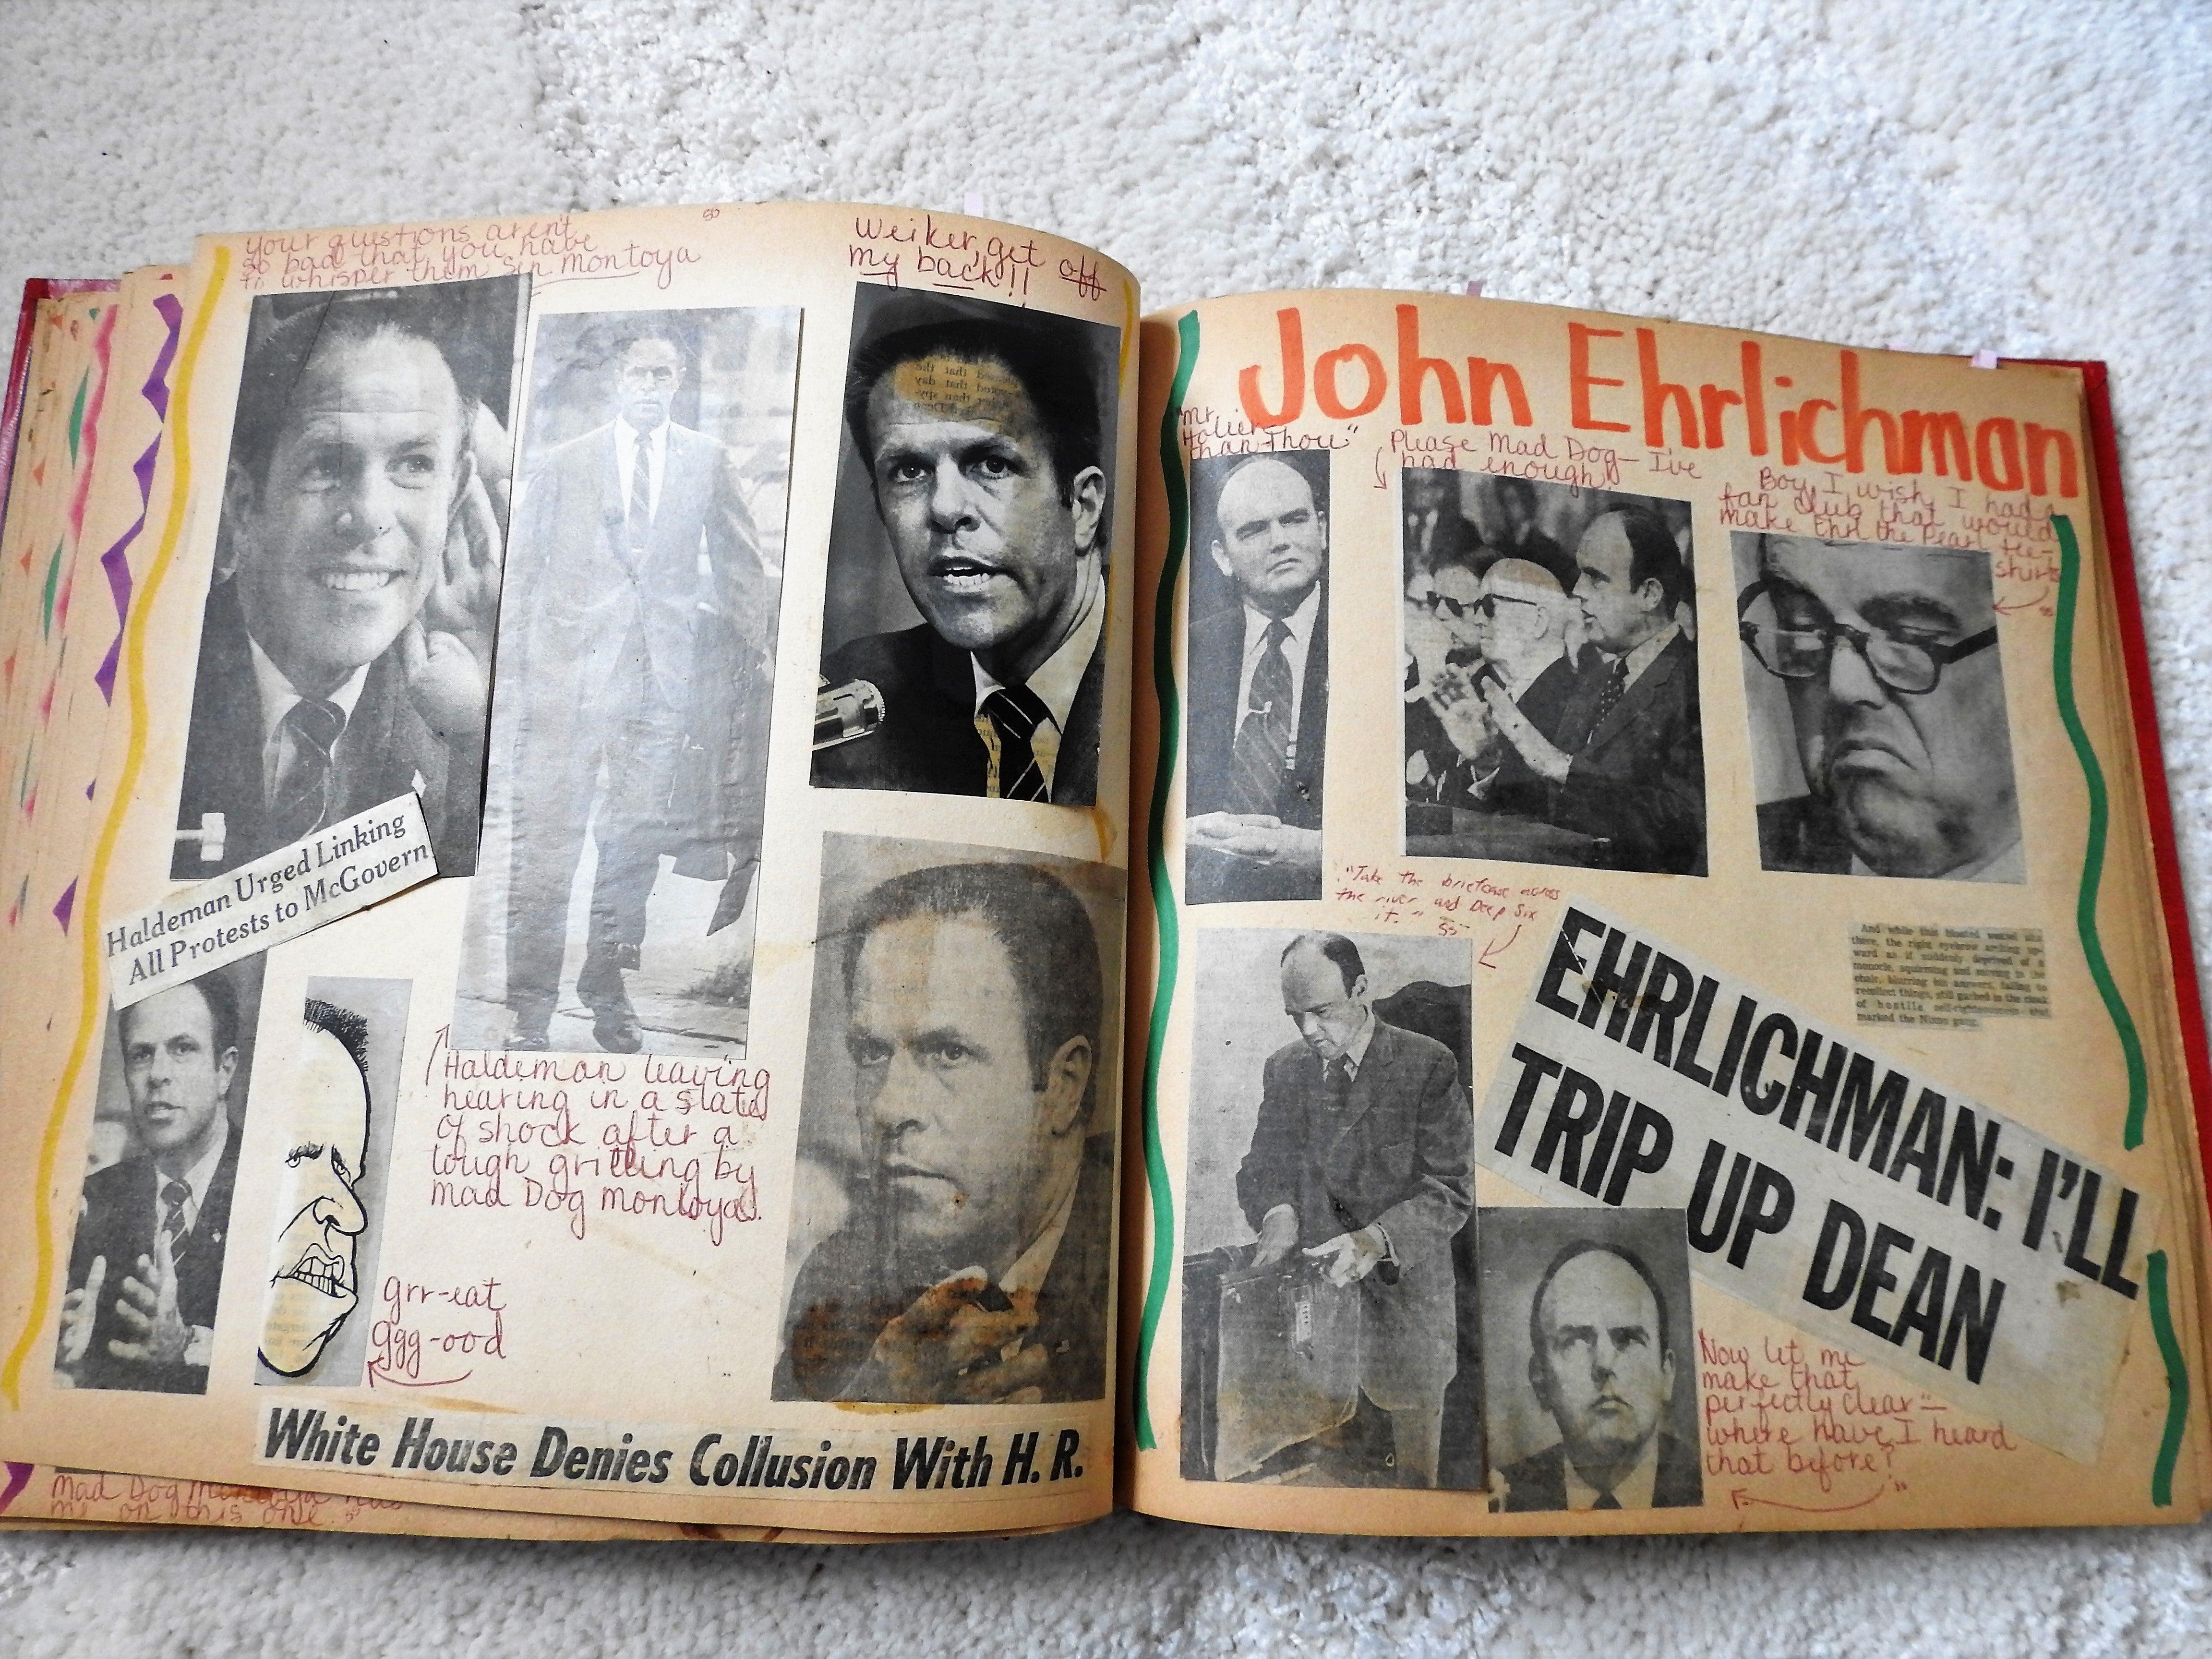 Watergate scrapbook, Erlichman.